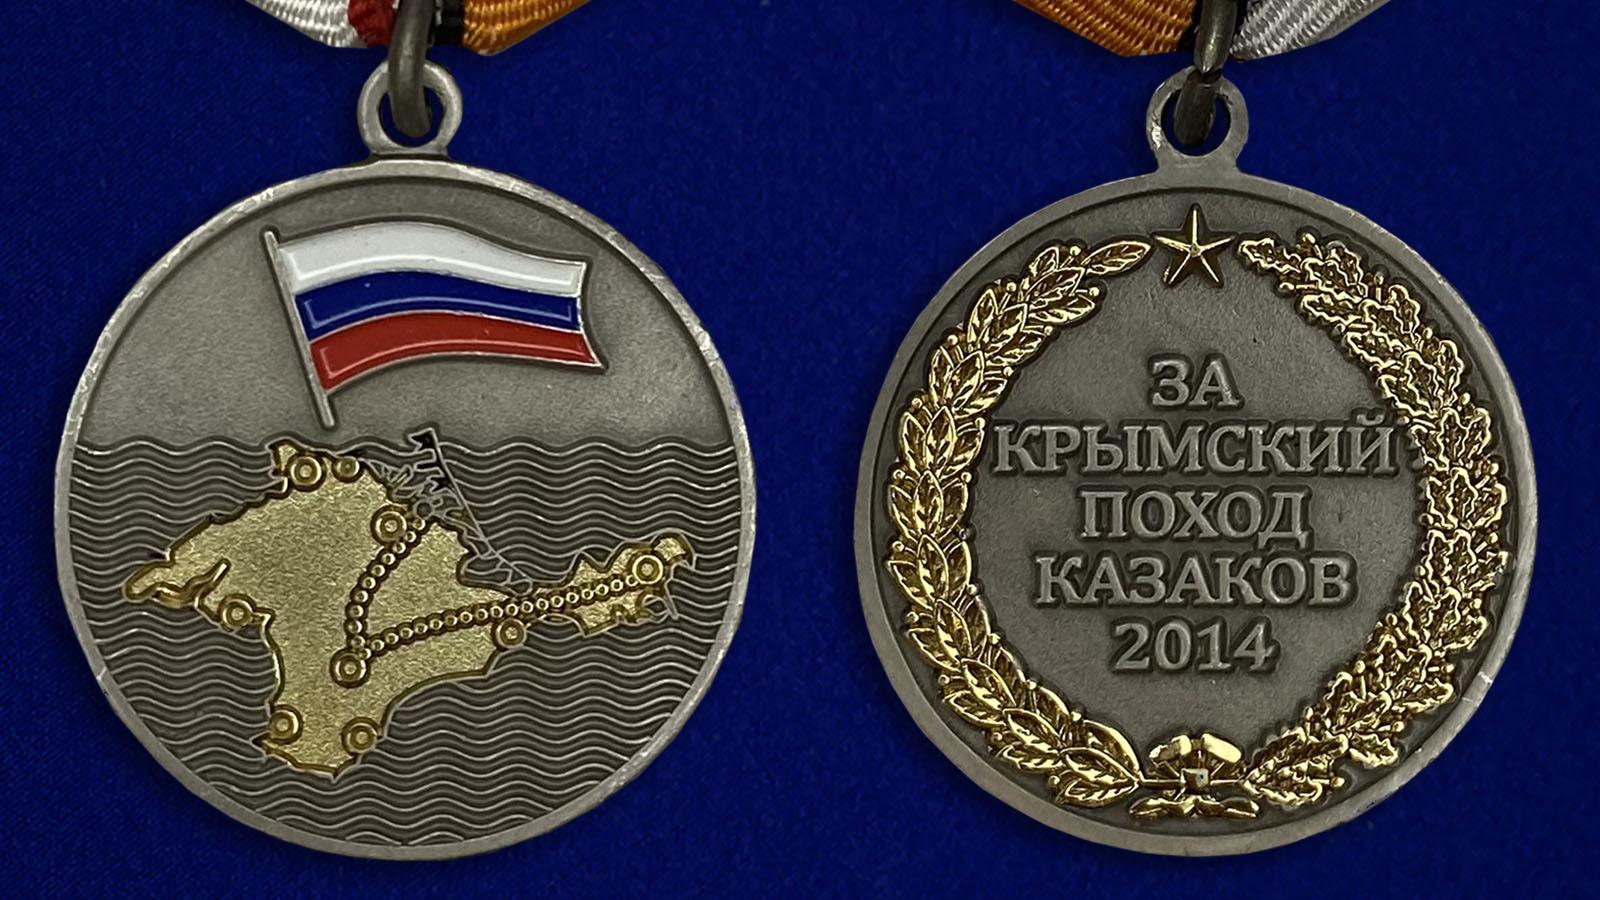 Медаль «За Крымский поход казаков 2014» - аверс и реверс